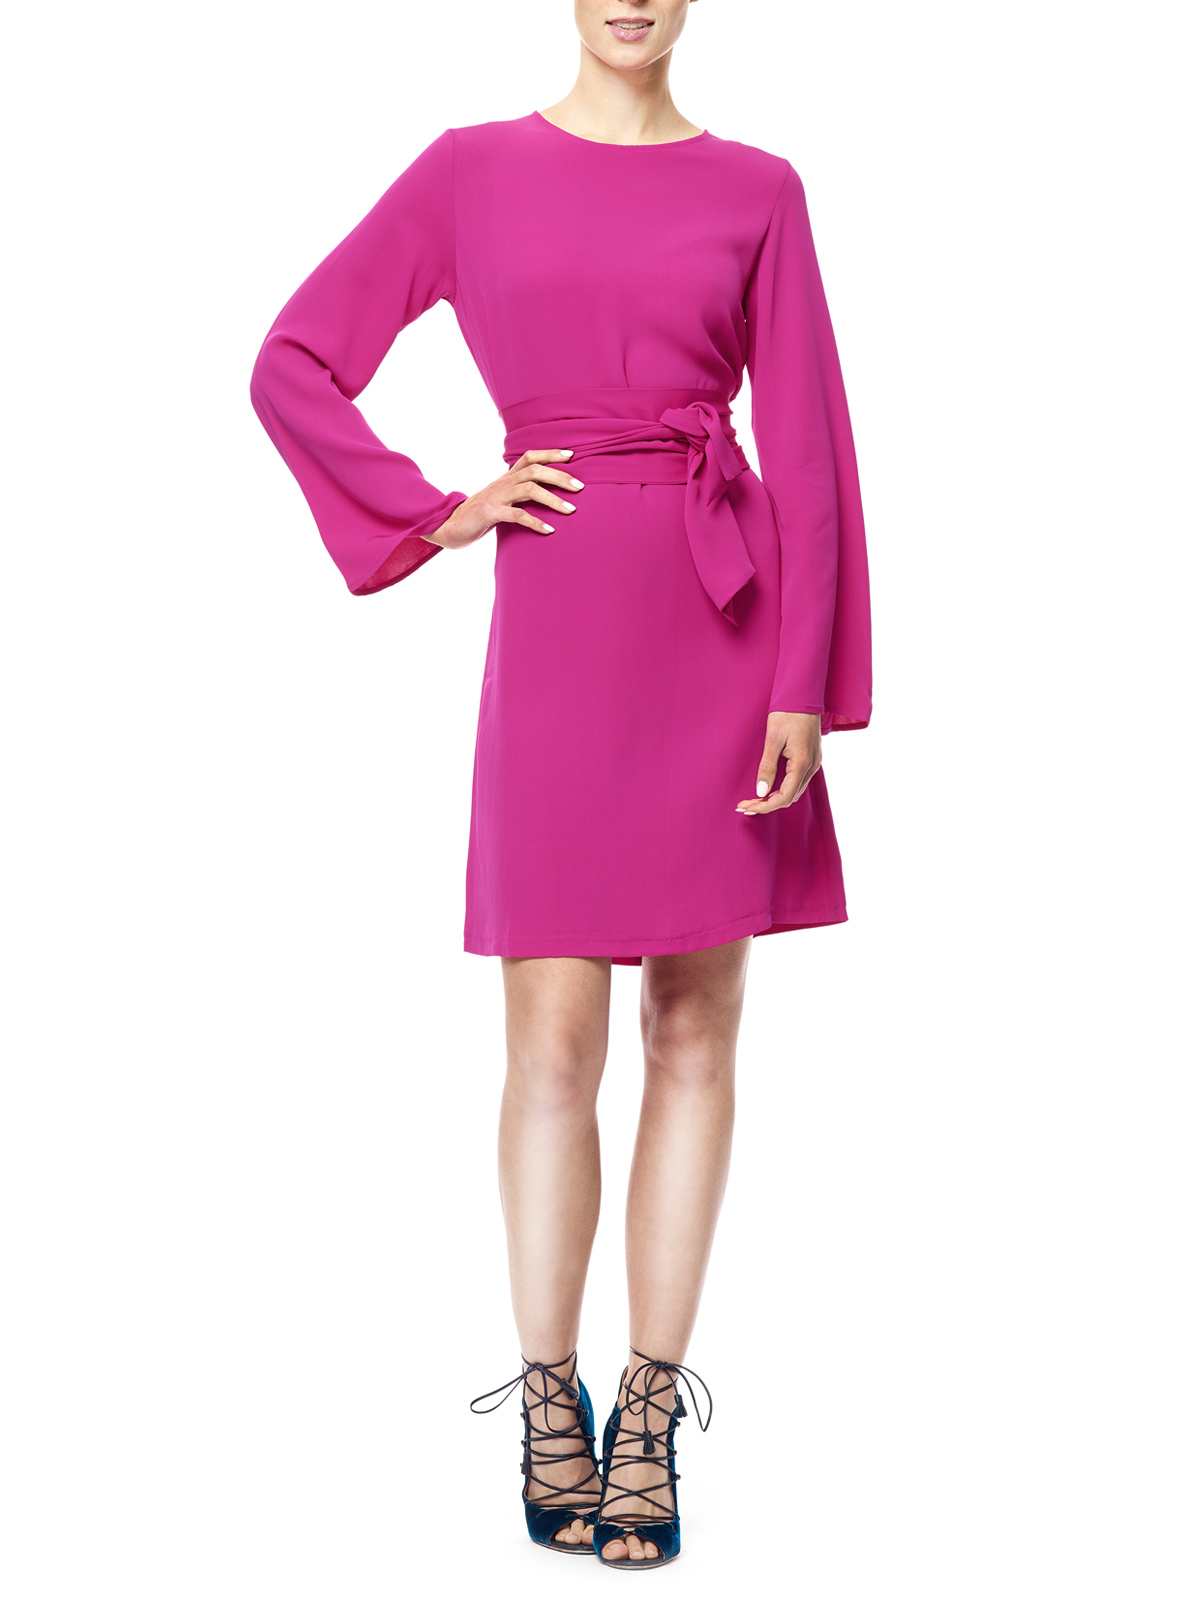 Emmie-bright-pink-front.jpg